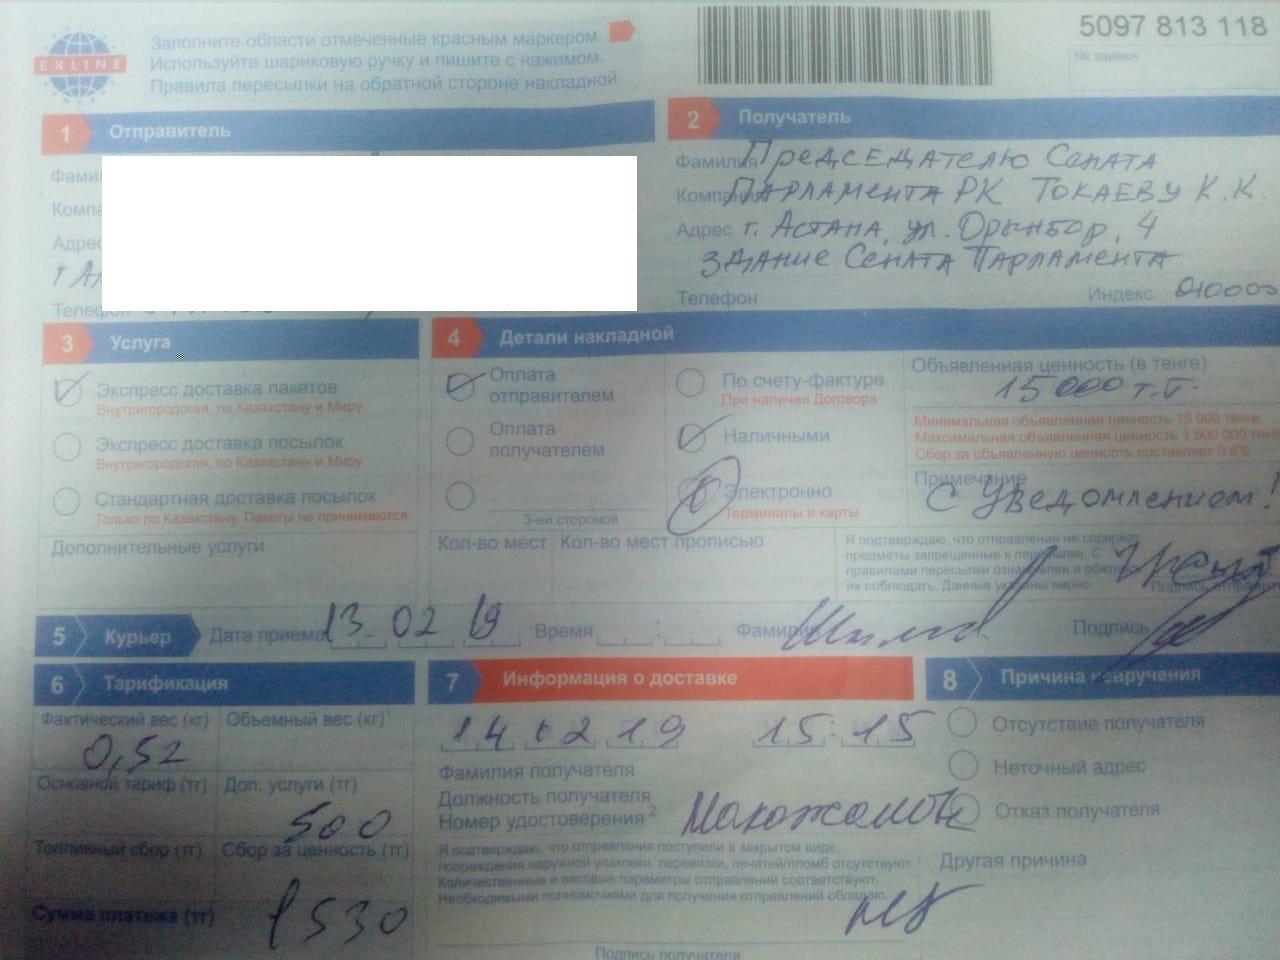 Из Актау в Астану и обратно: судьба писем с подписями от жителей Актау против новых тарифов, фото-5